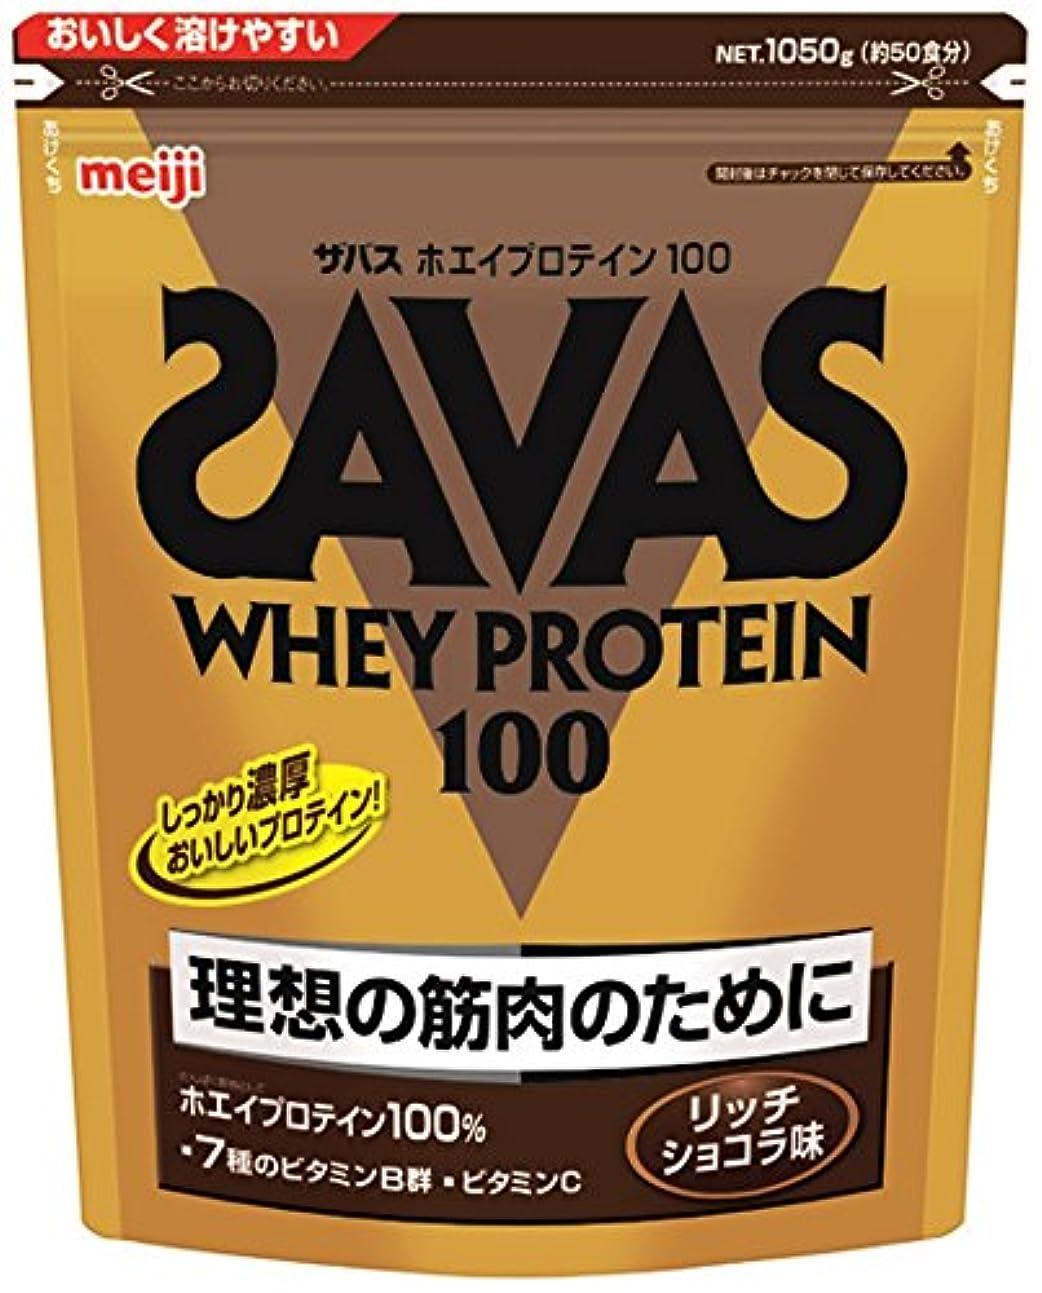 ヒューバートハドソン陰謀トライアスリートザバス(SAVAS) ホエイプロテイン100+ビタミン リッチショコラ味 【50食分】 1,050g